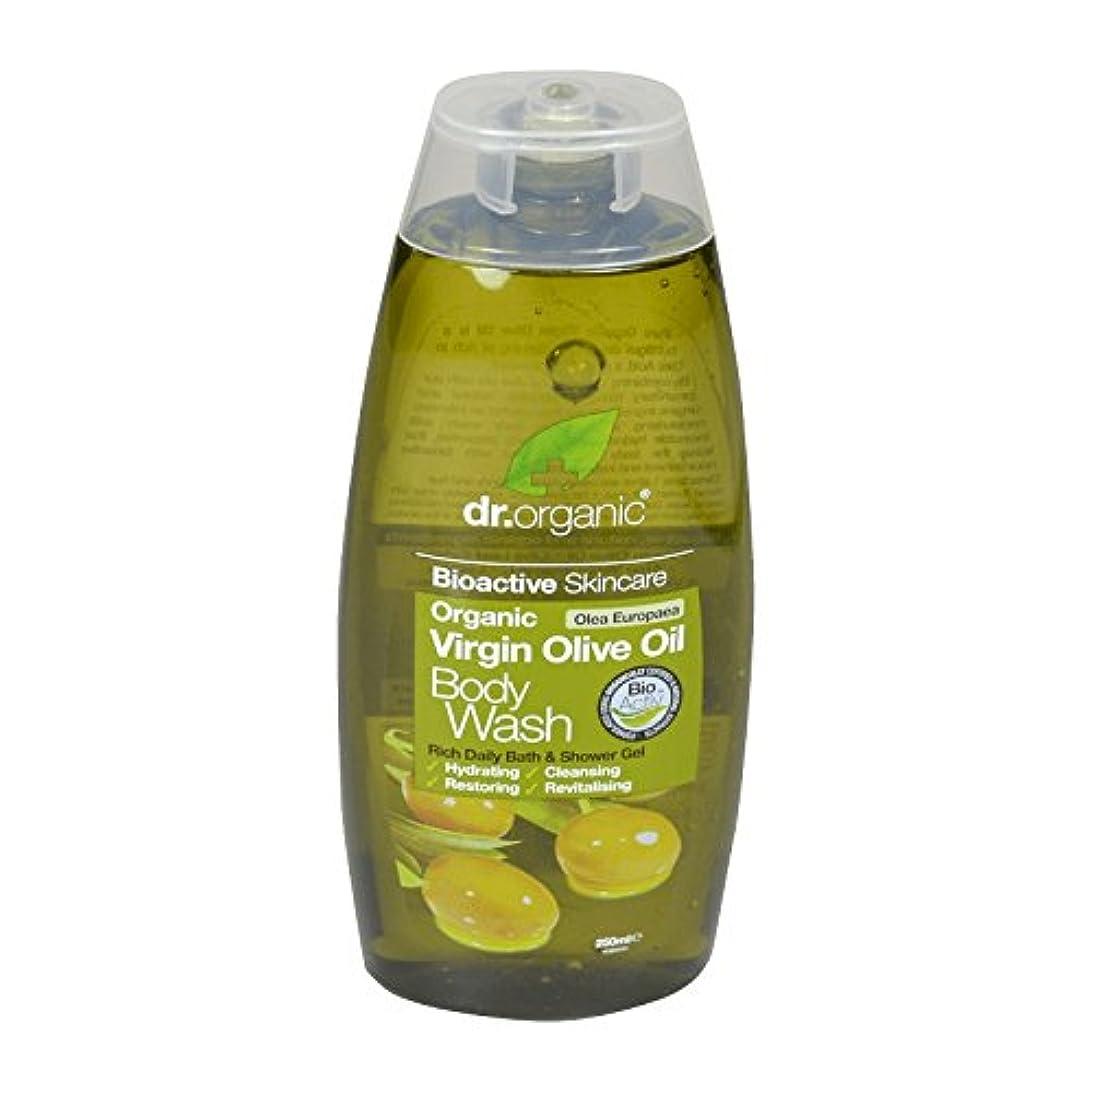 絞るオープニング養うDr Organic Virgin Olive Oil Body Wash (Pack of 2) - Dr有機バージンオリーブオイルボディウォッシュ (x2) [並行輸入品]